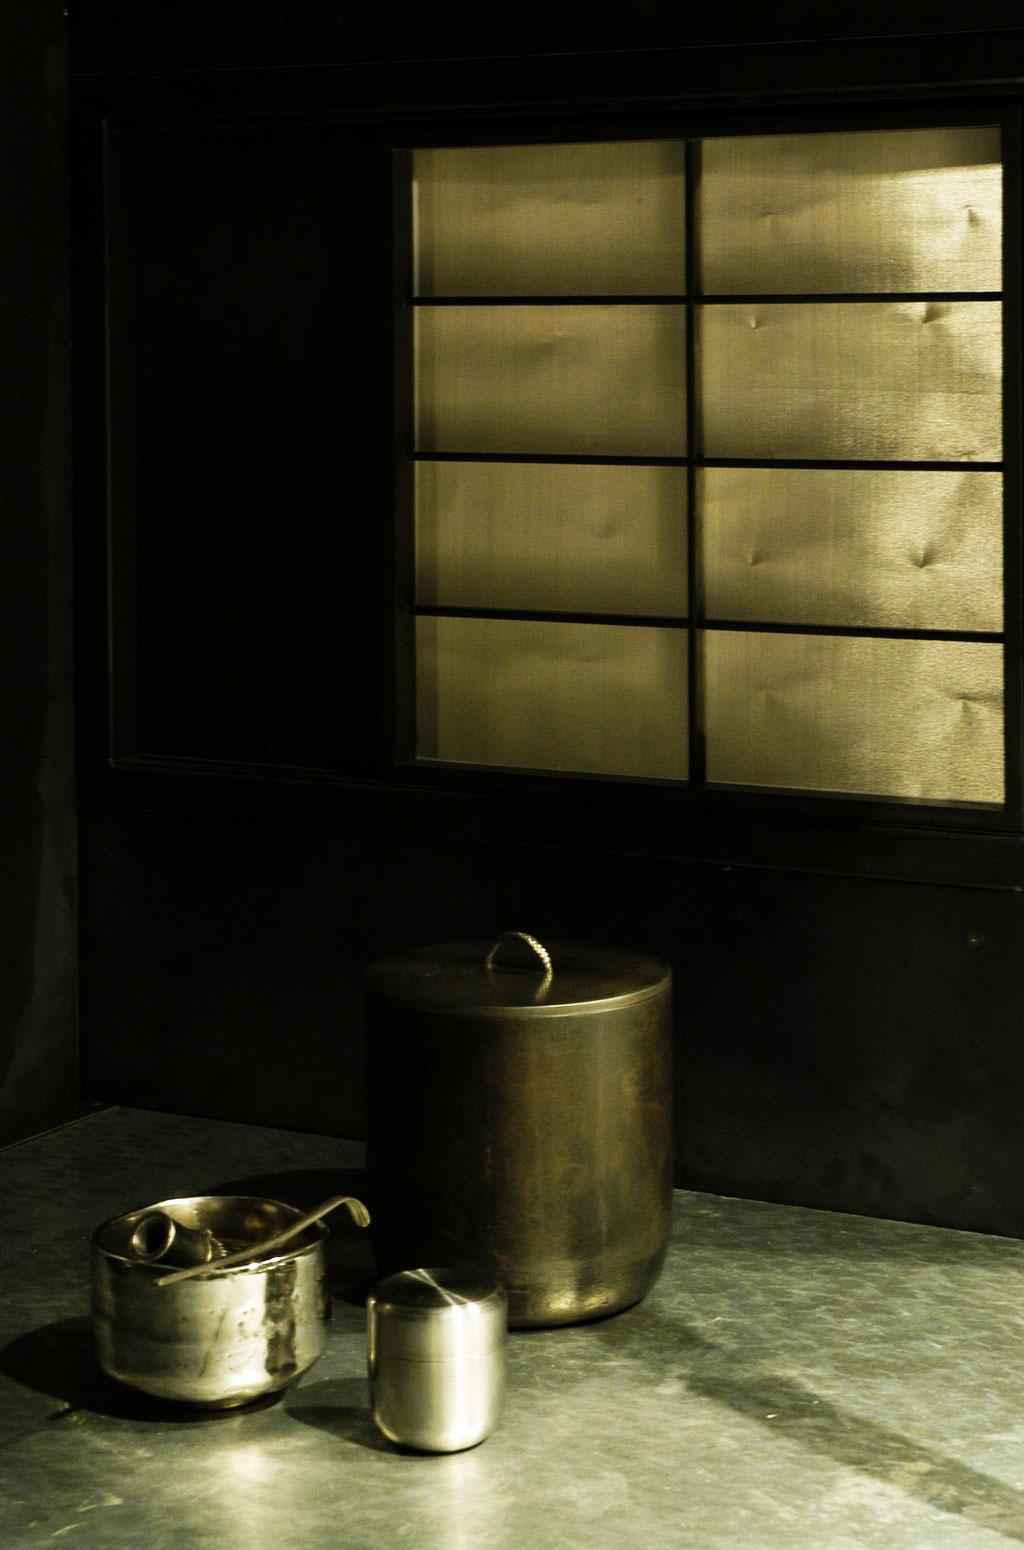 鉄茶室徹亭、点前障子と道具組